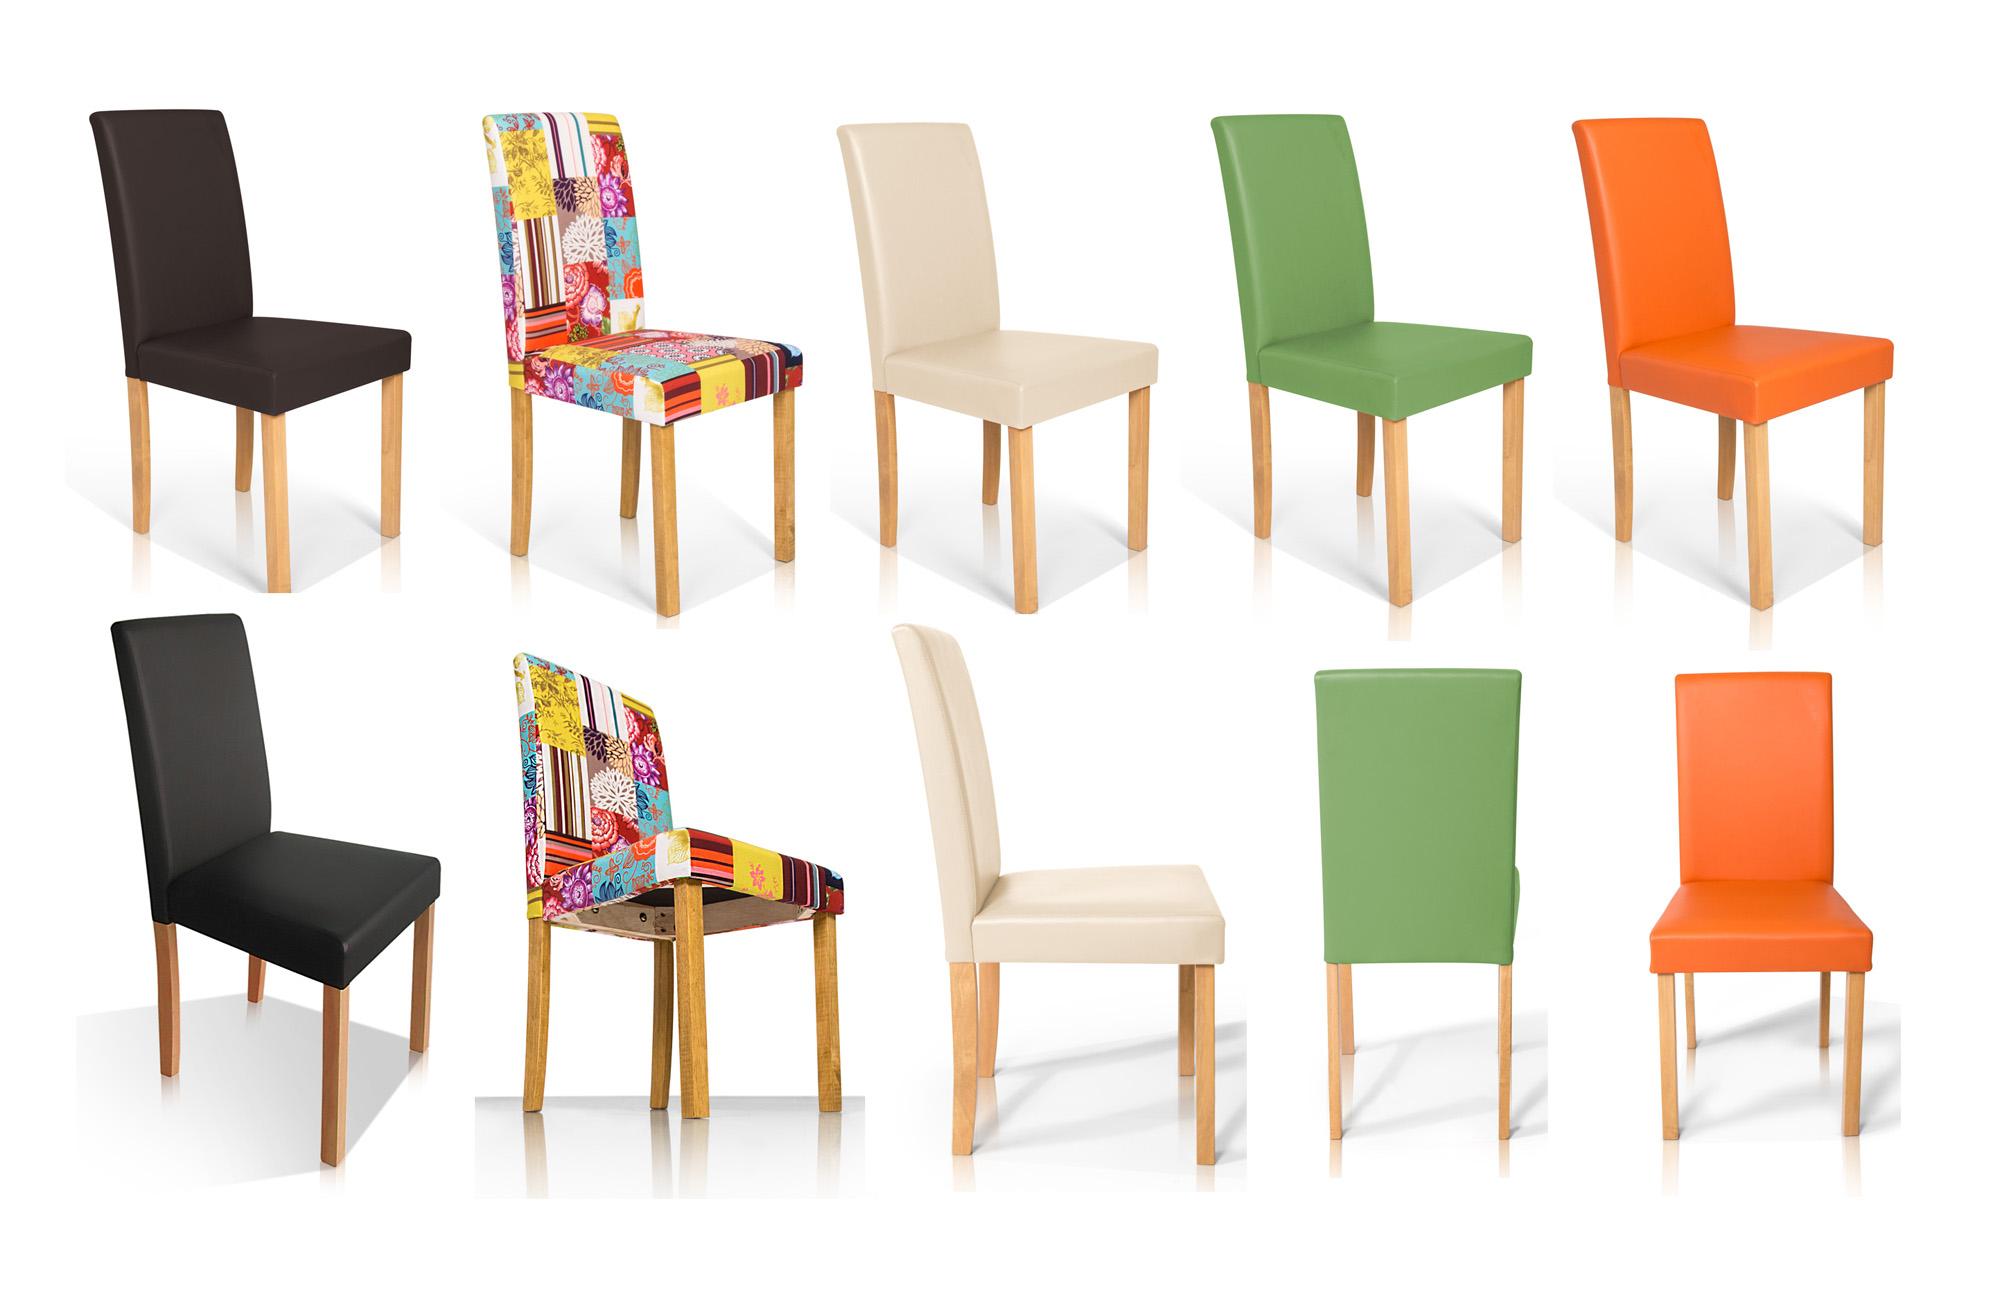 polsterstuhl st hle bill kunstleder esszimmerstuhl patchwork buche eiche massiv ebay. Black Bedroom Furniture Sets. Home Design Ideas